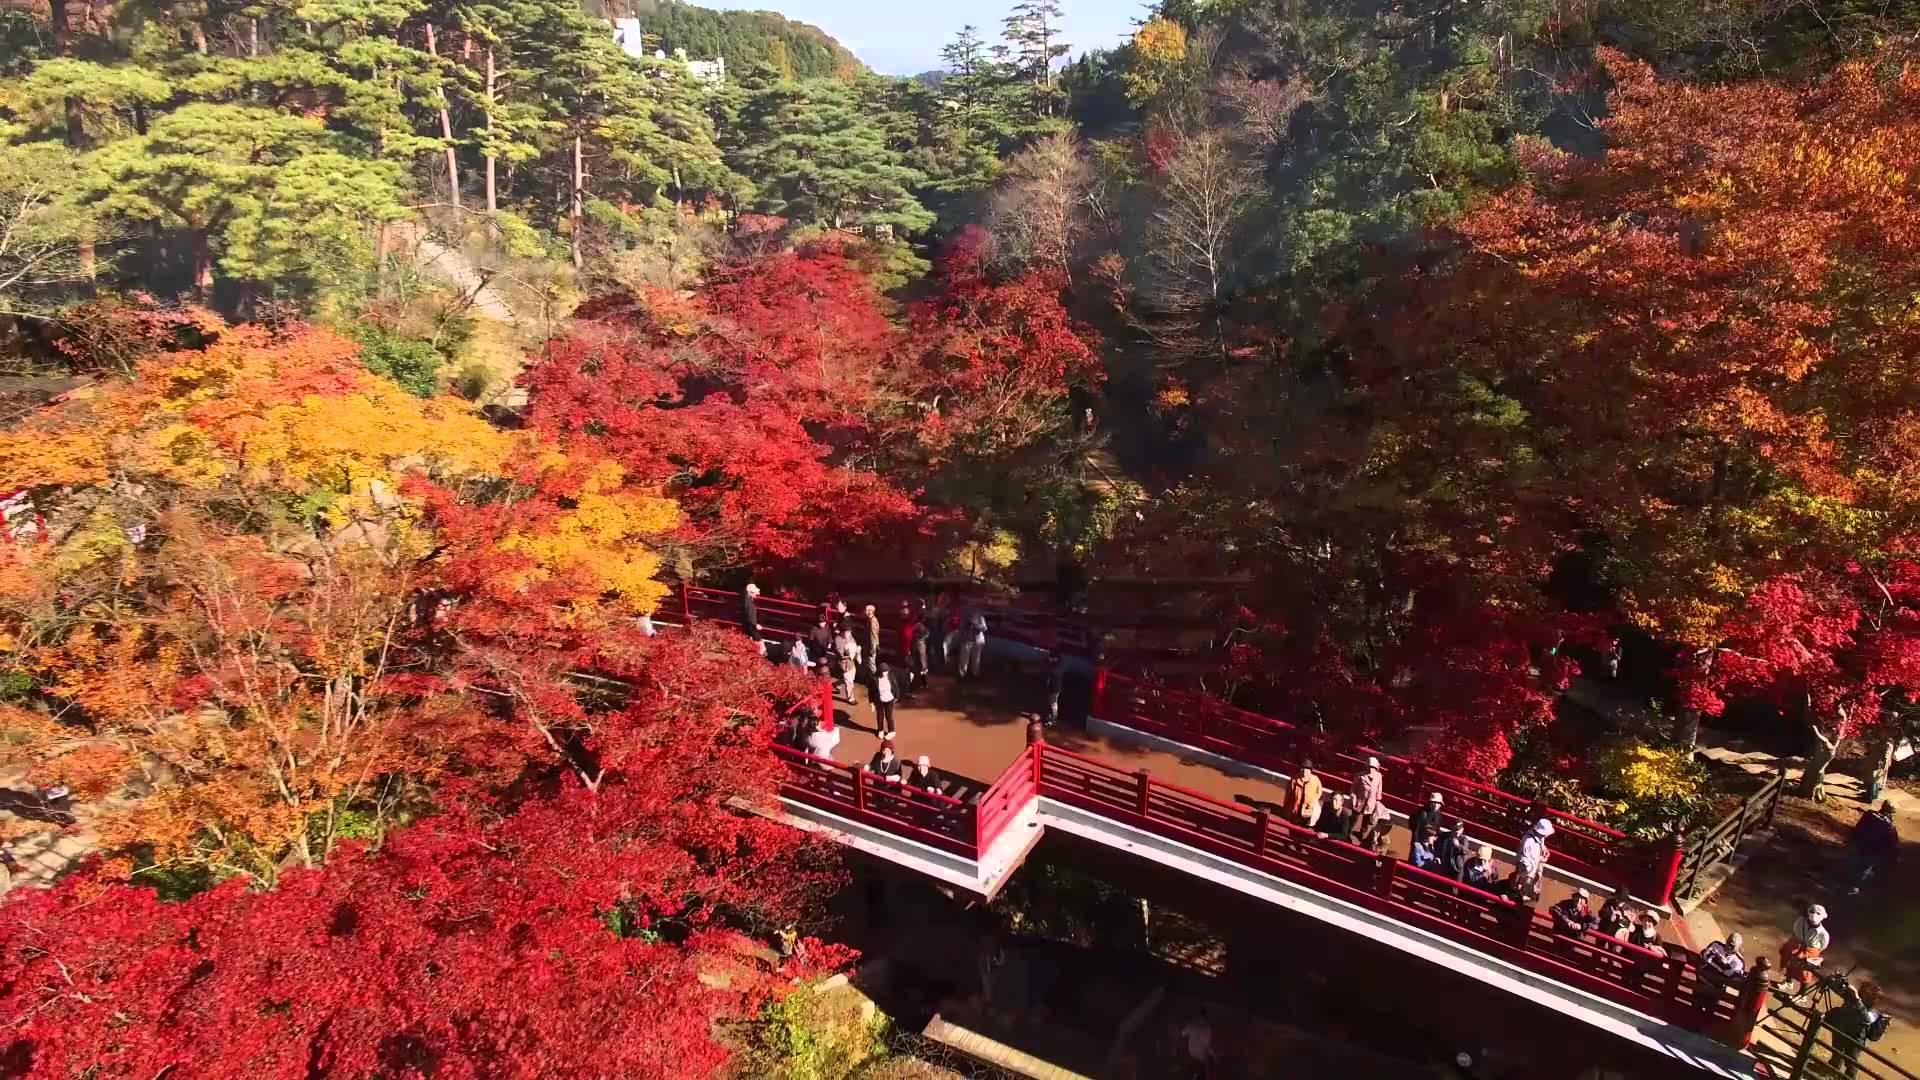 新潟県随一の紅葉スポット『弥彦公園』もみじ谷はライトアップも!